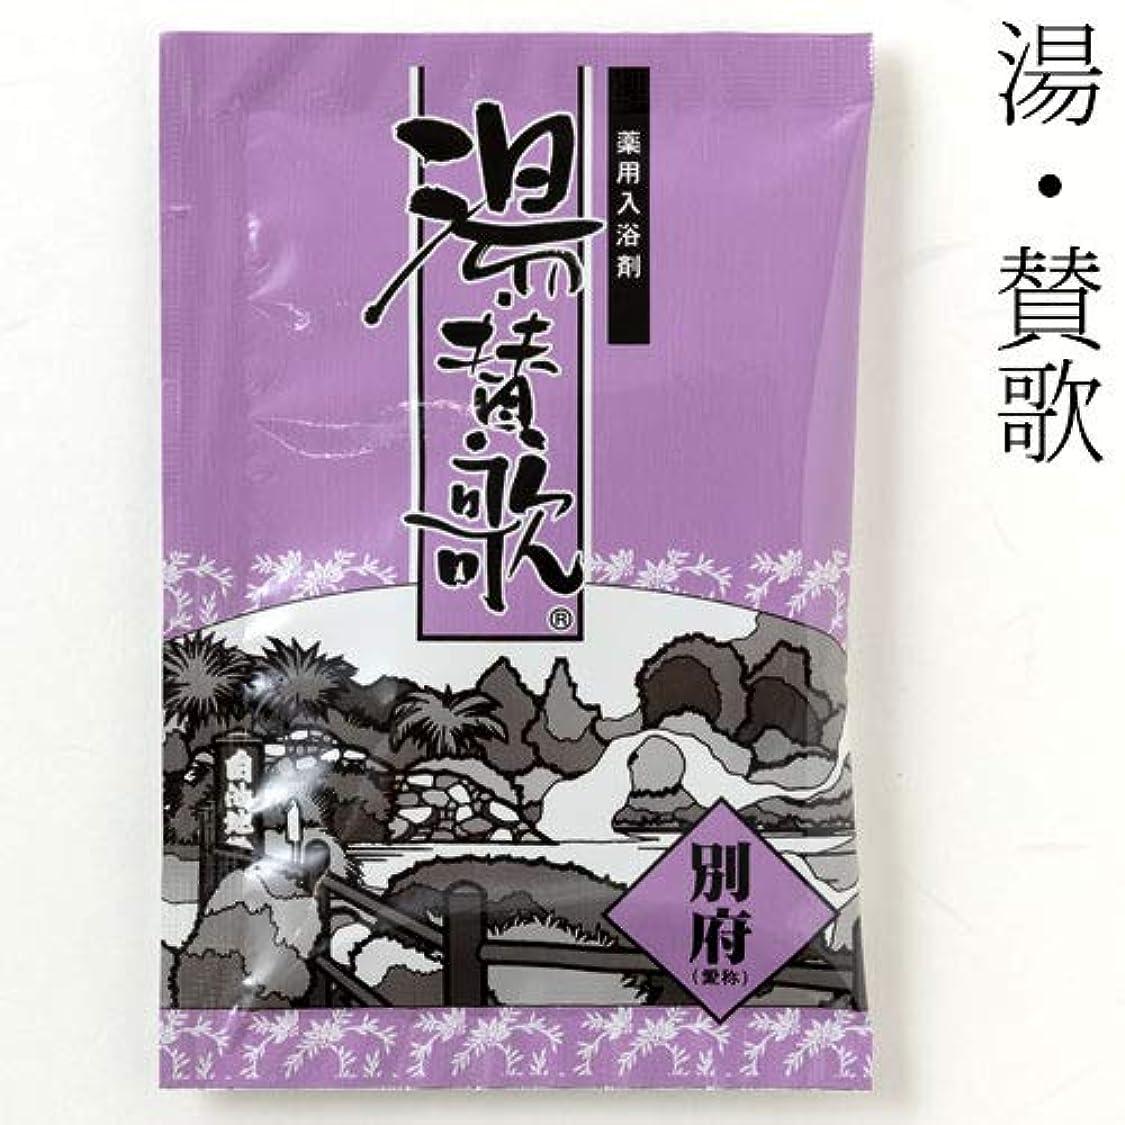 とんでもない干渉コレクション入浴剤湯?賛歌別府1包石川県のお風呂グッズBath additive, Ishikawa craft